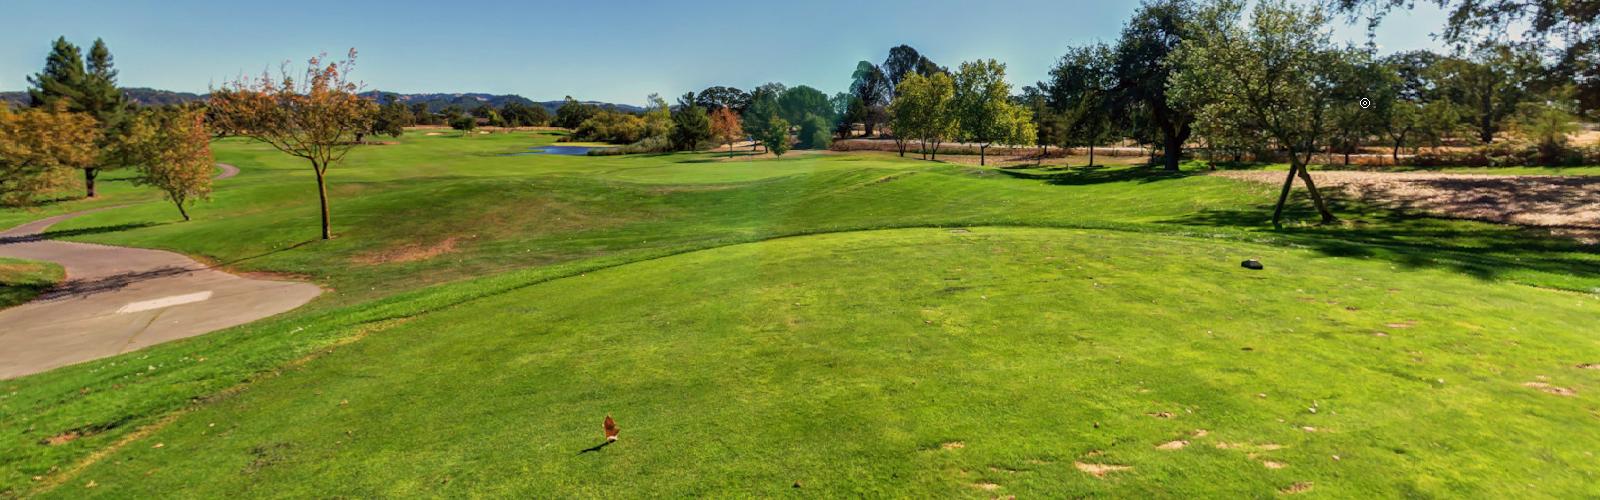 Windsor Golf Course